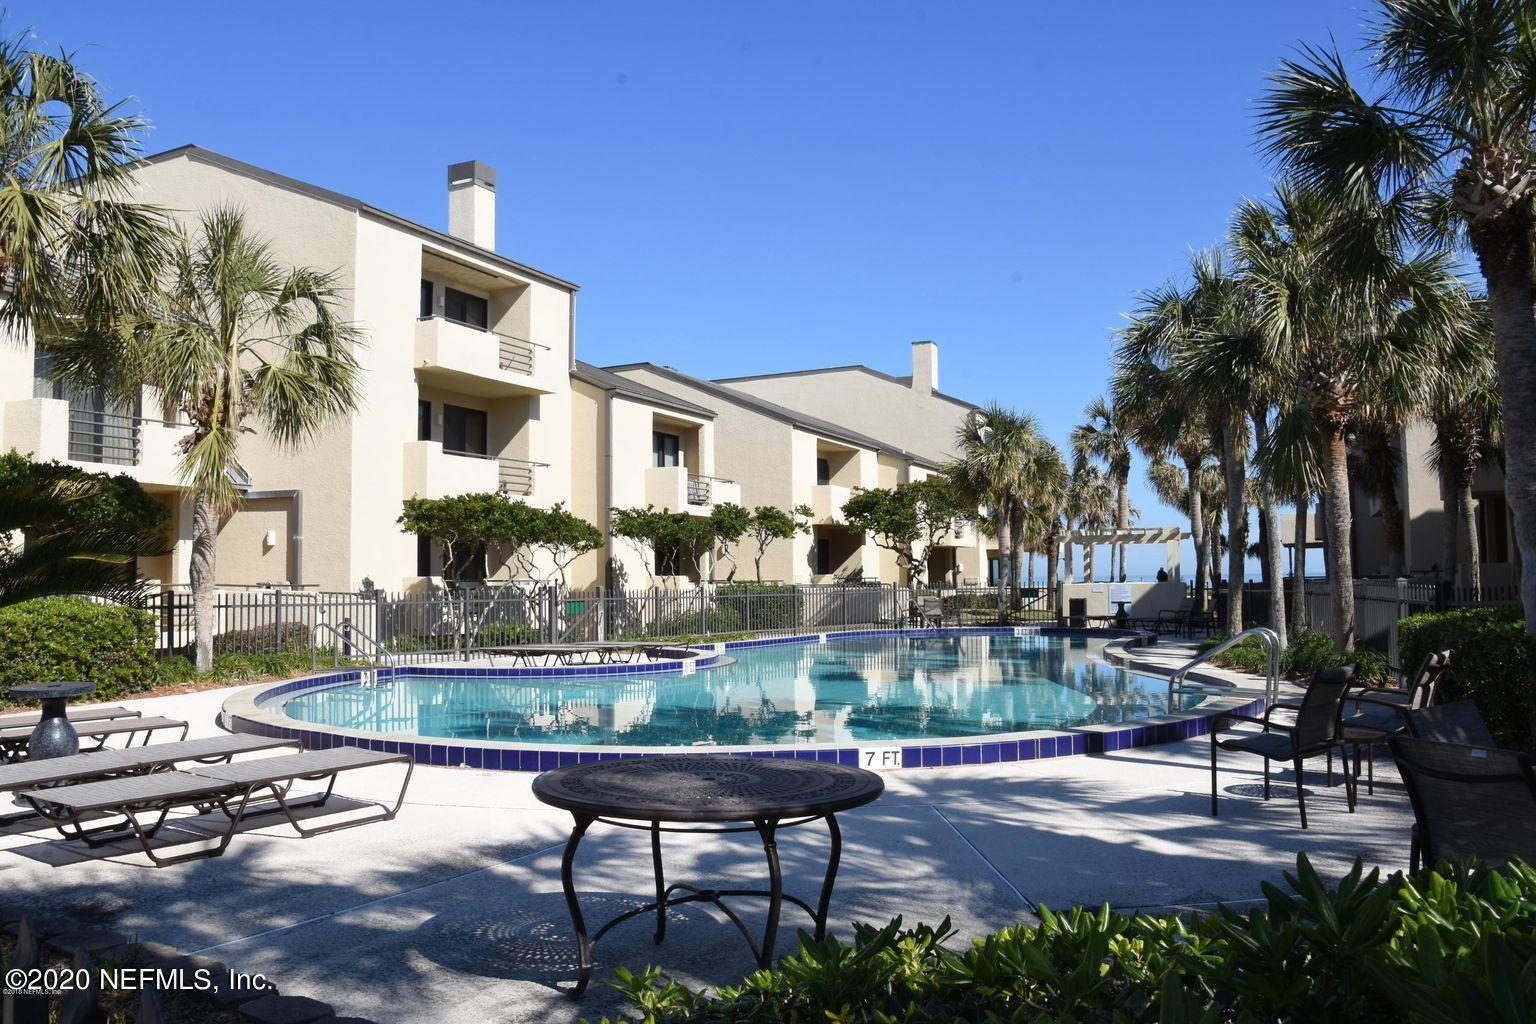 707 SPINNAKERS REACH, PONTE VEDRA BEACH, FLORIDA 32082, 3 Bedrooms Bedrooms, ,3 BathroomsBathrooms,Residential,For sale,SPINNAKERS REACH,1087053